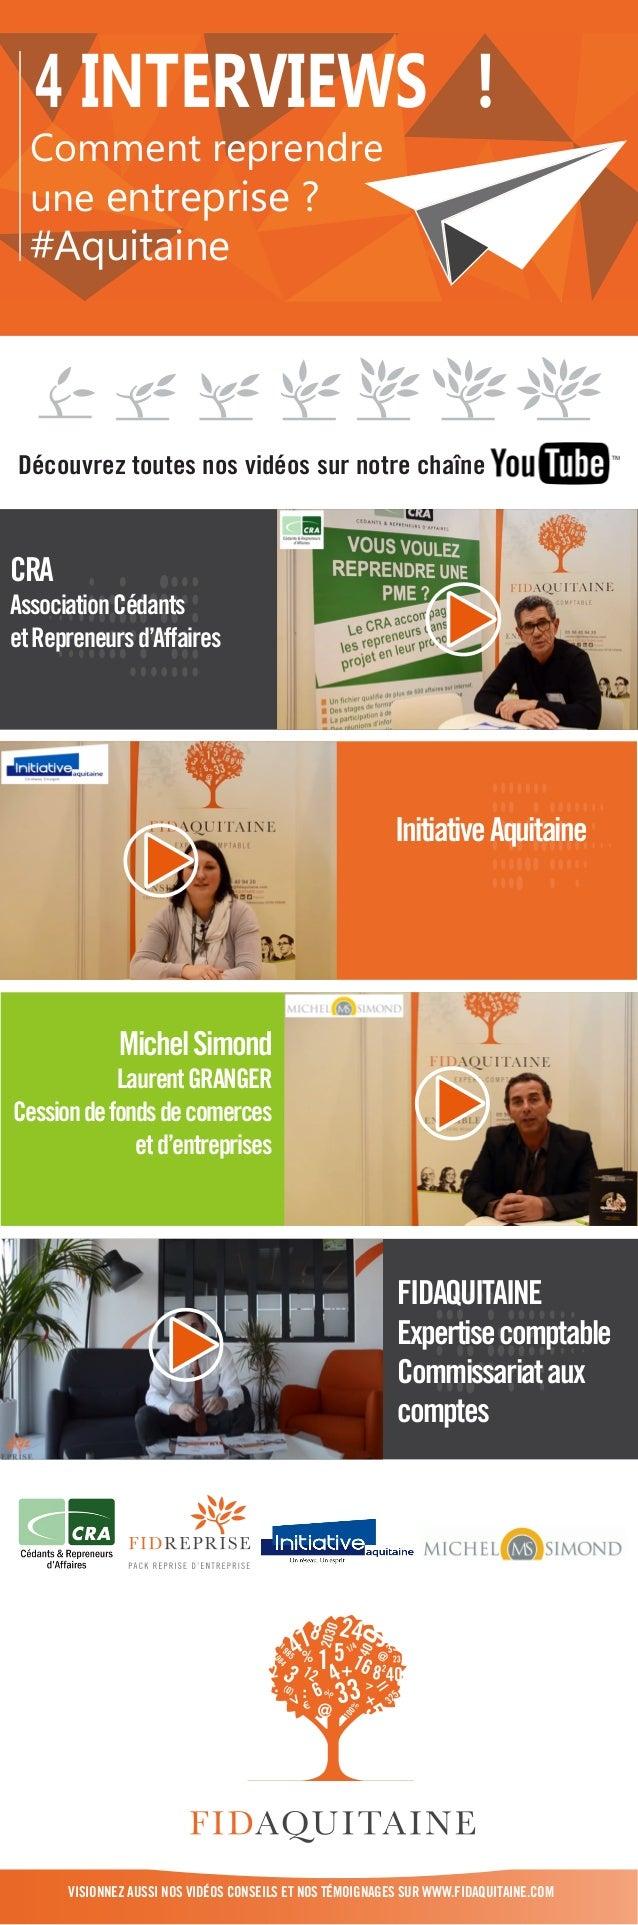 4 interviews   comment reprendre une entreprise en aquitaine